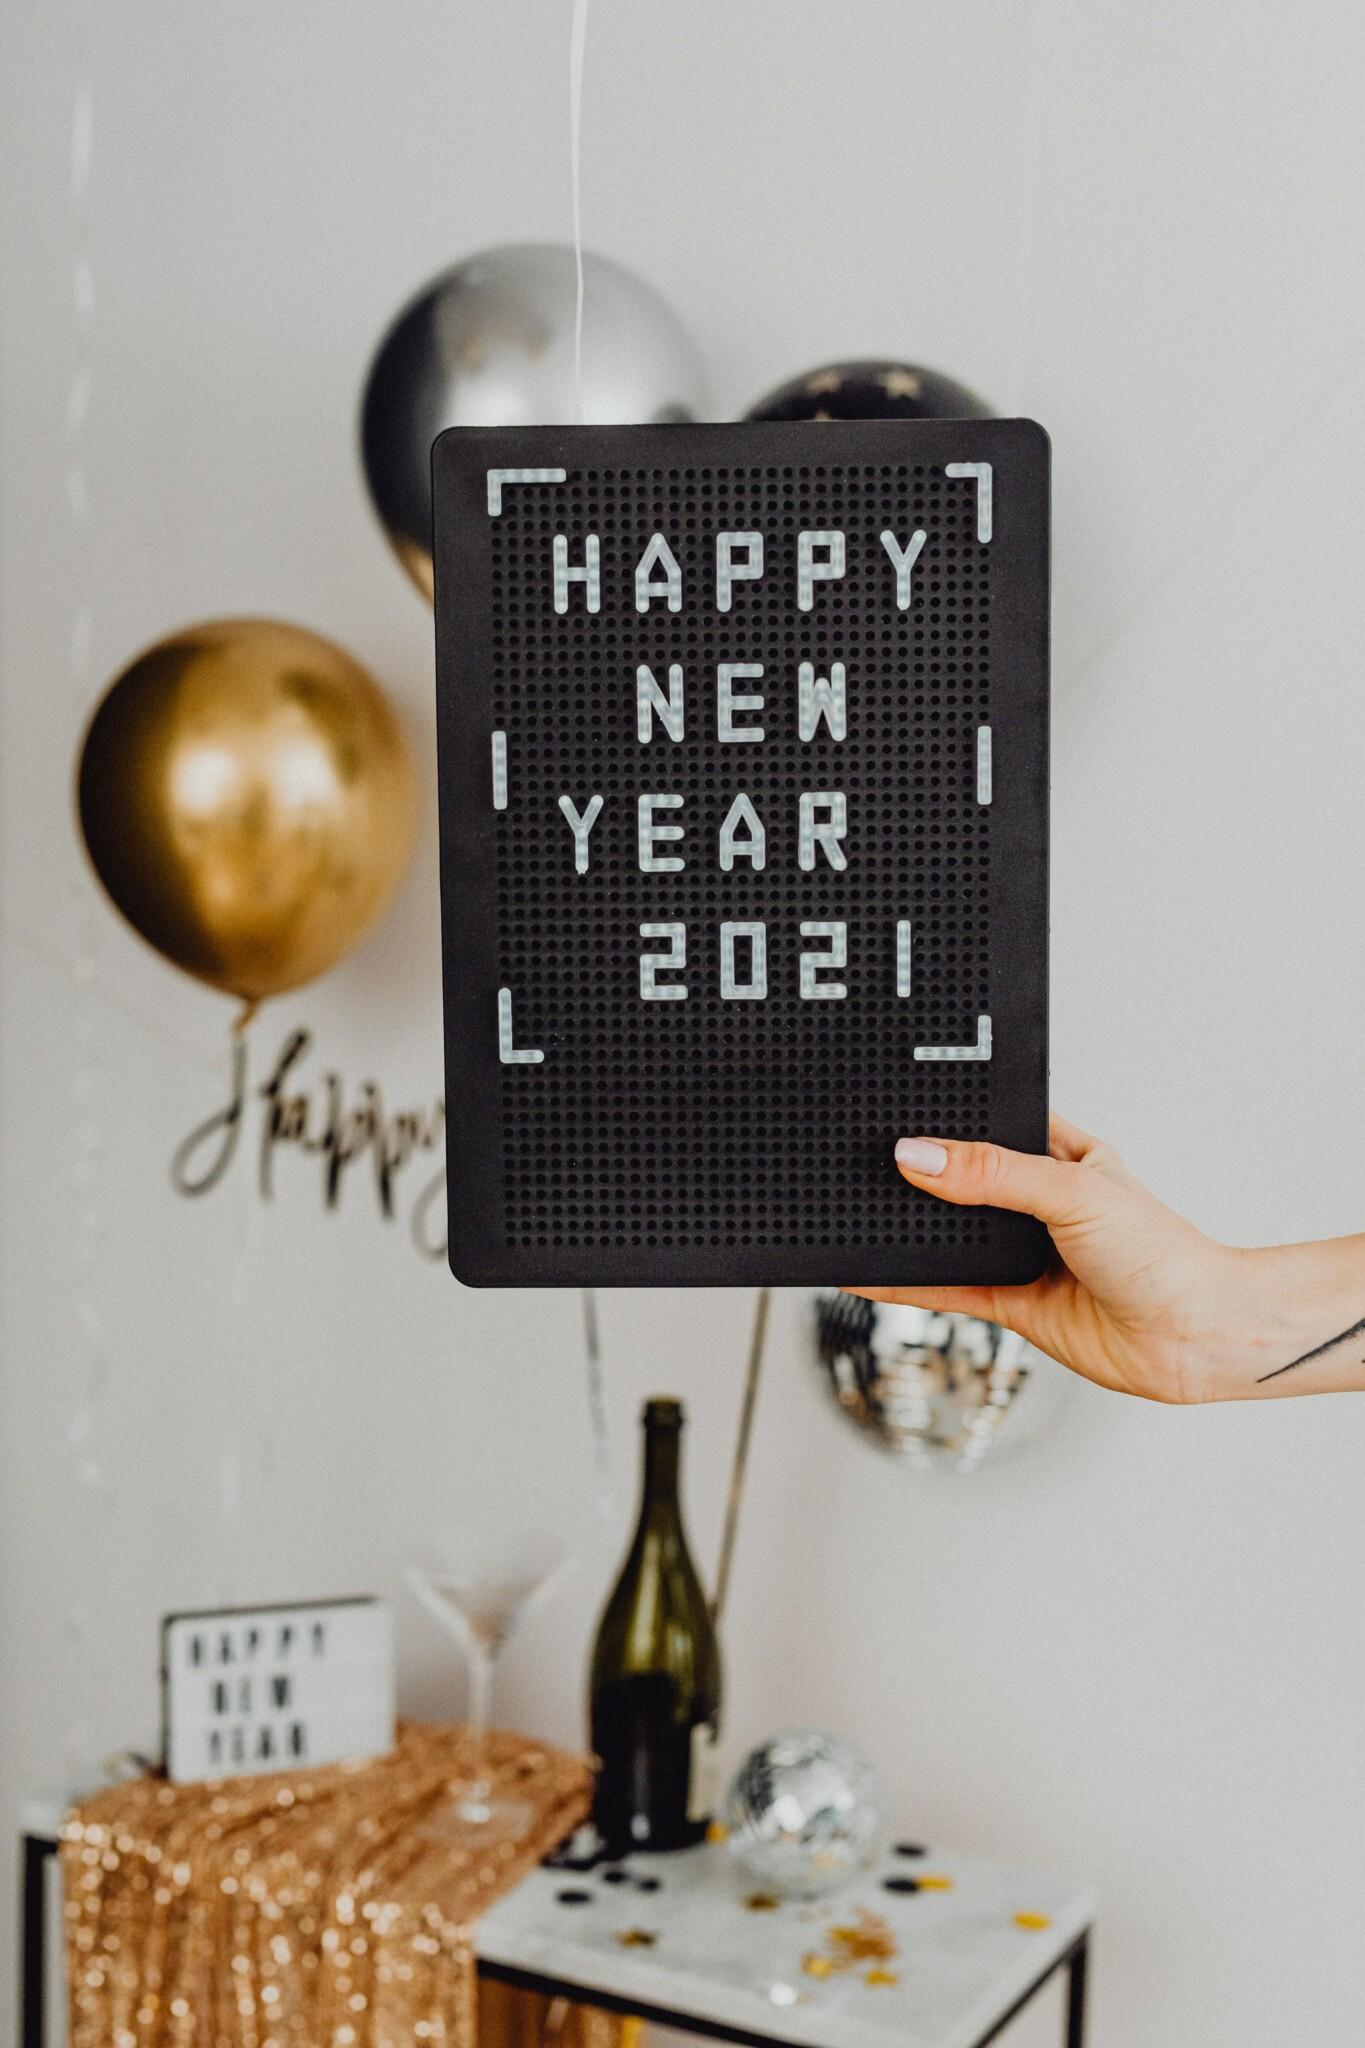 Neujahrsvorsätze - Ja oder Nein? Mit diesen Tipps klappt´s ...